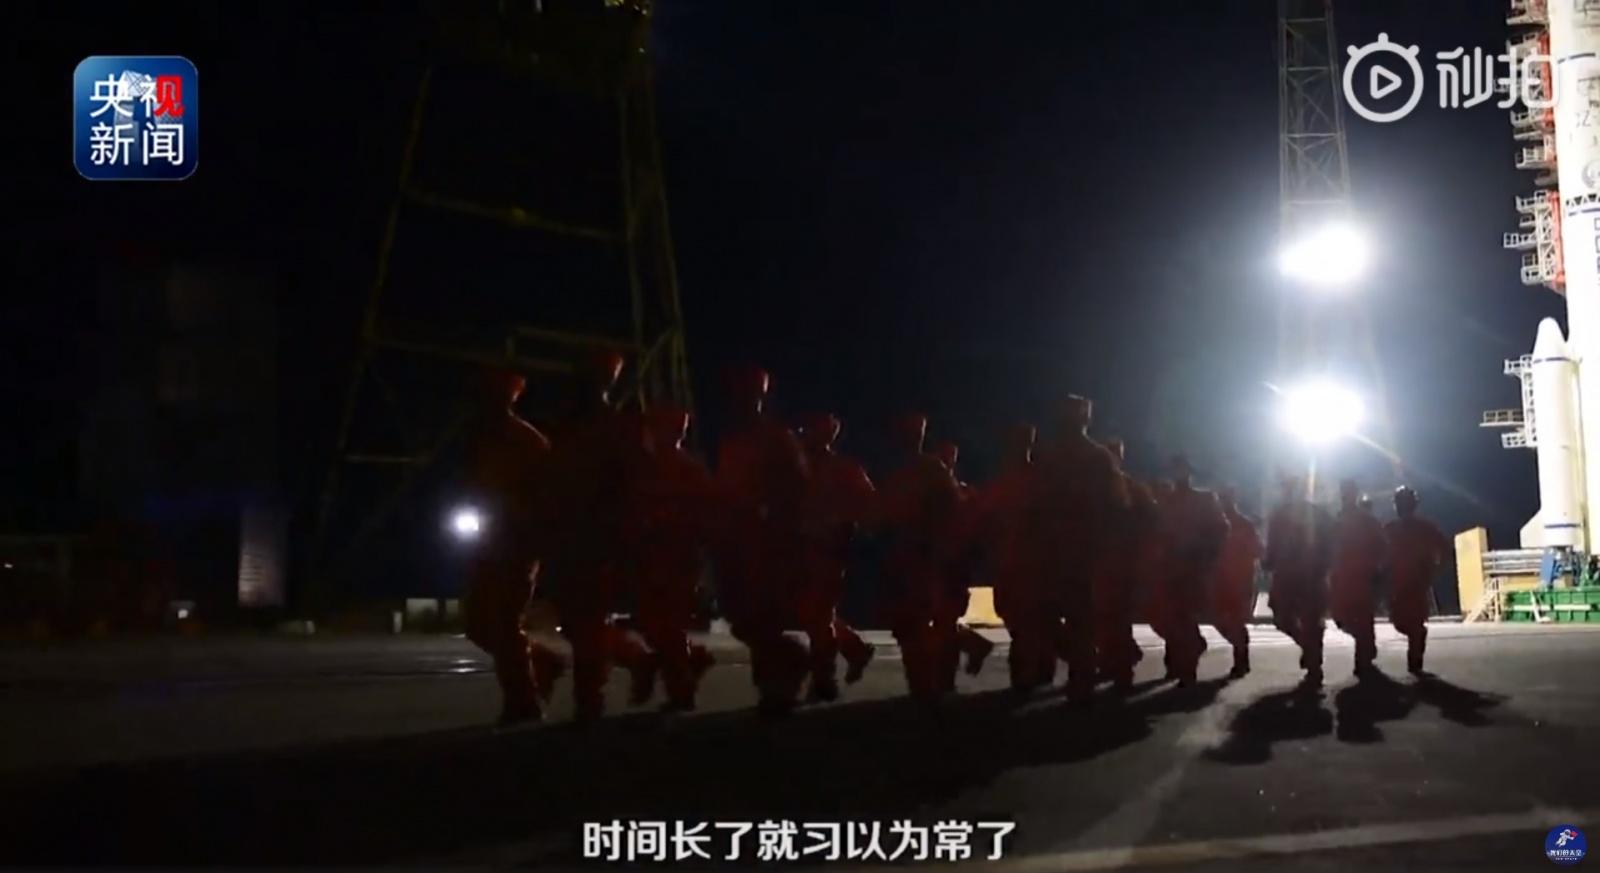 Суровая рабочая реальность — Китайский космодром Сичан (Xichang Satellite Launch Center — XSLC) - 103